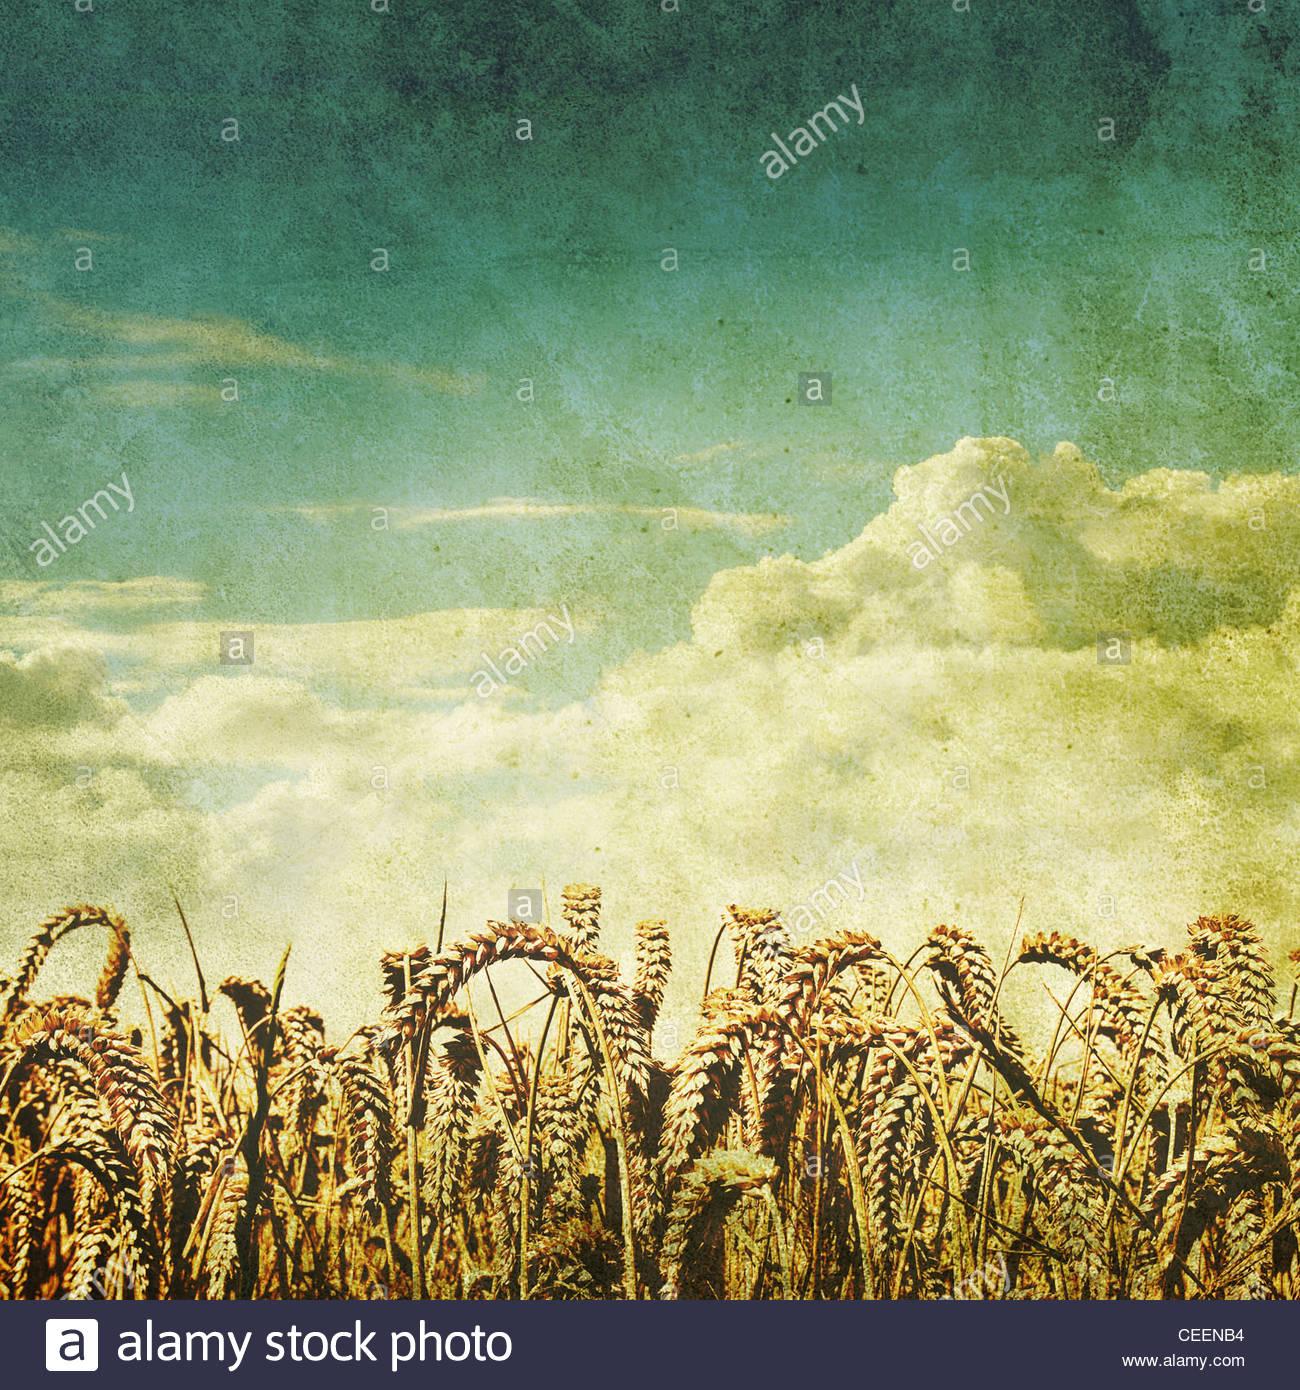 Campo de trigo retro foto Imagen De Stock